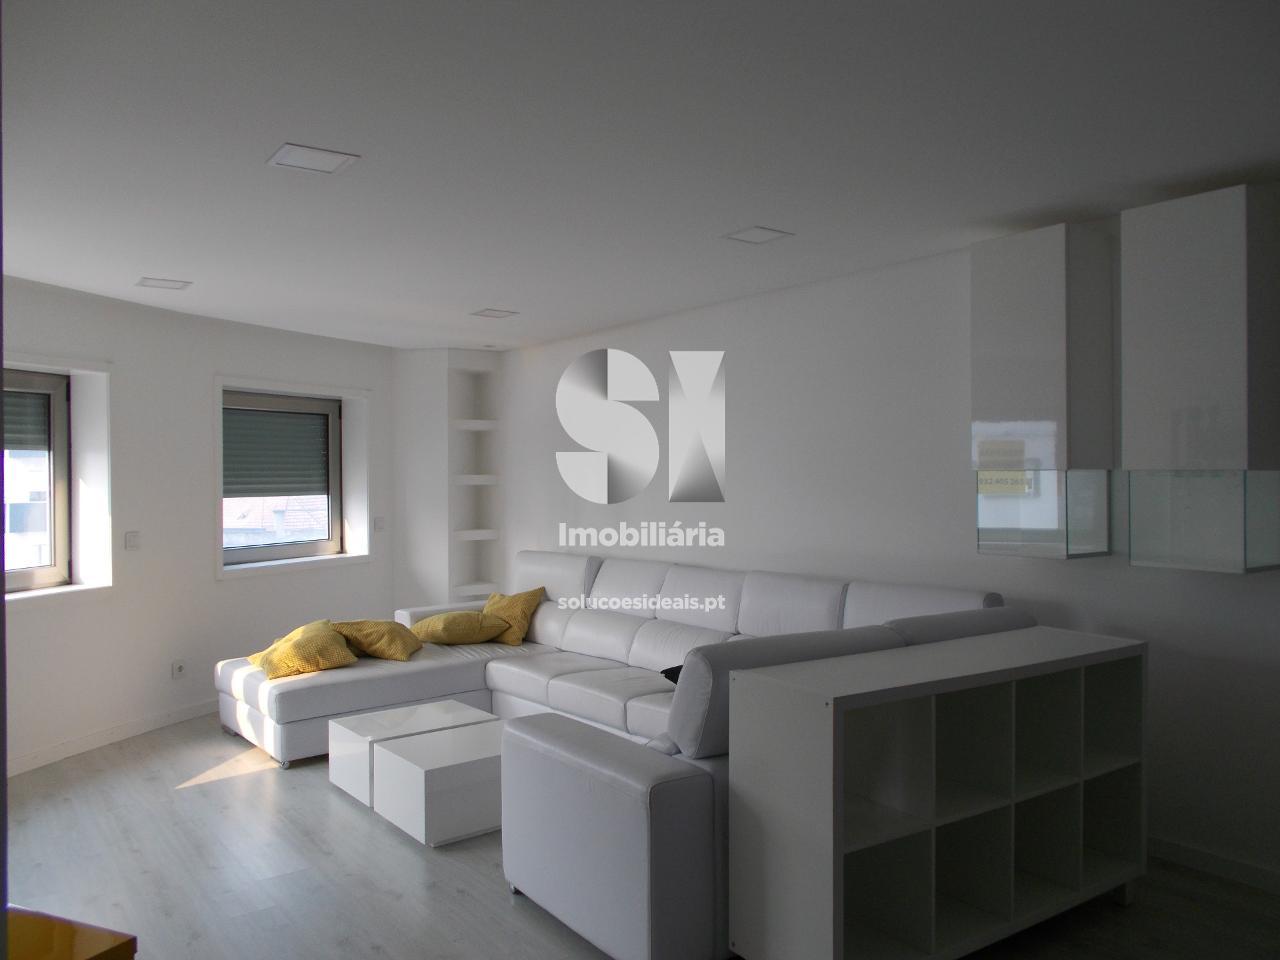 apartamento t3 para arrendamento em aveiro uniao das freguesias de gloria e vera cruz estacao AVGCL1789